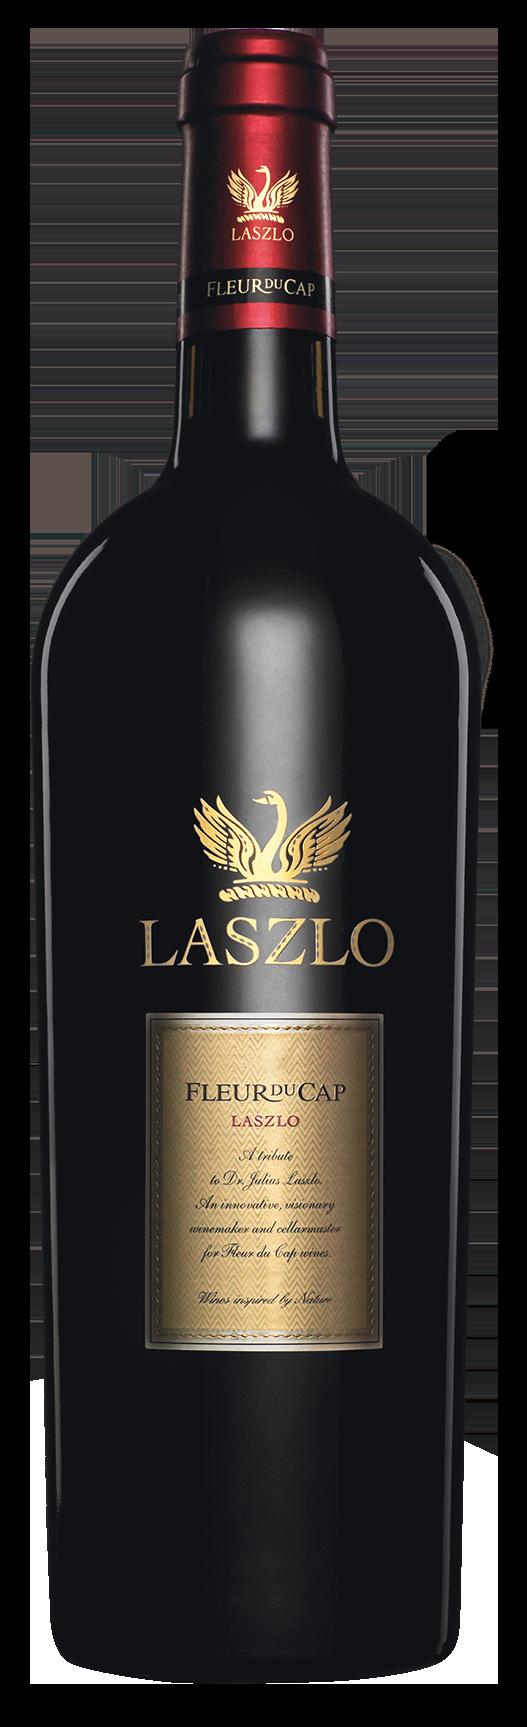 The Laszlo range Fleur du Cap Laszlo